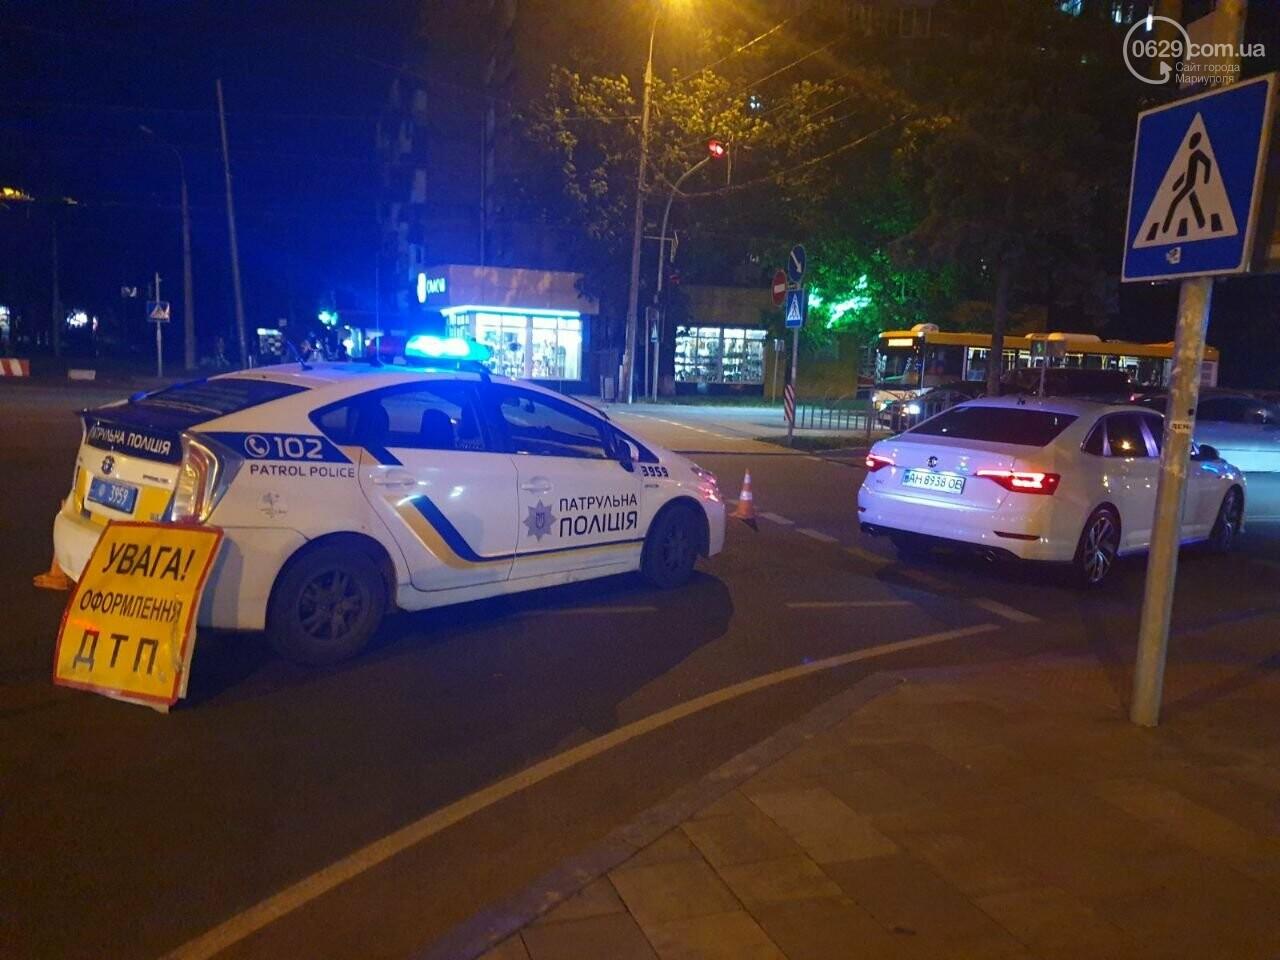 Кто виноват? В Мариуполе автомобиль на пешеходном переходе столкнулся с велосипедистом, - ФОТО, фото-7